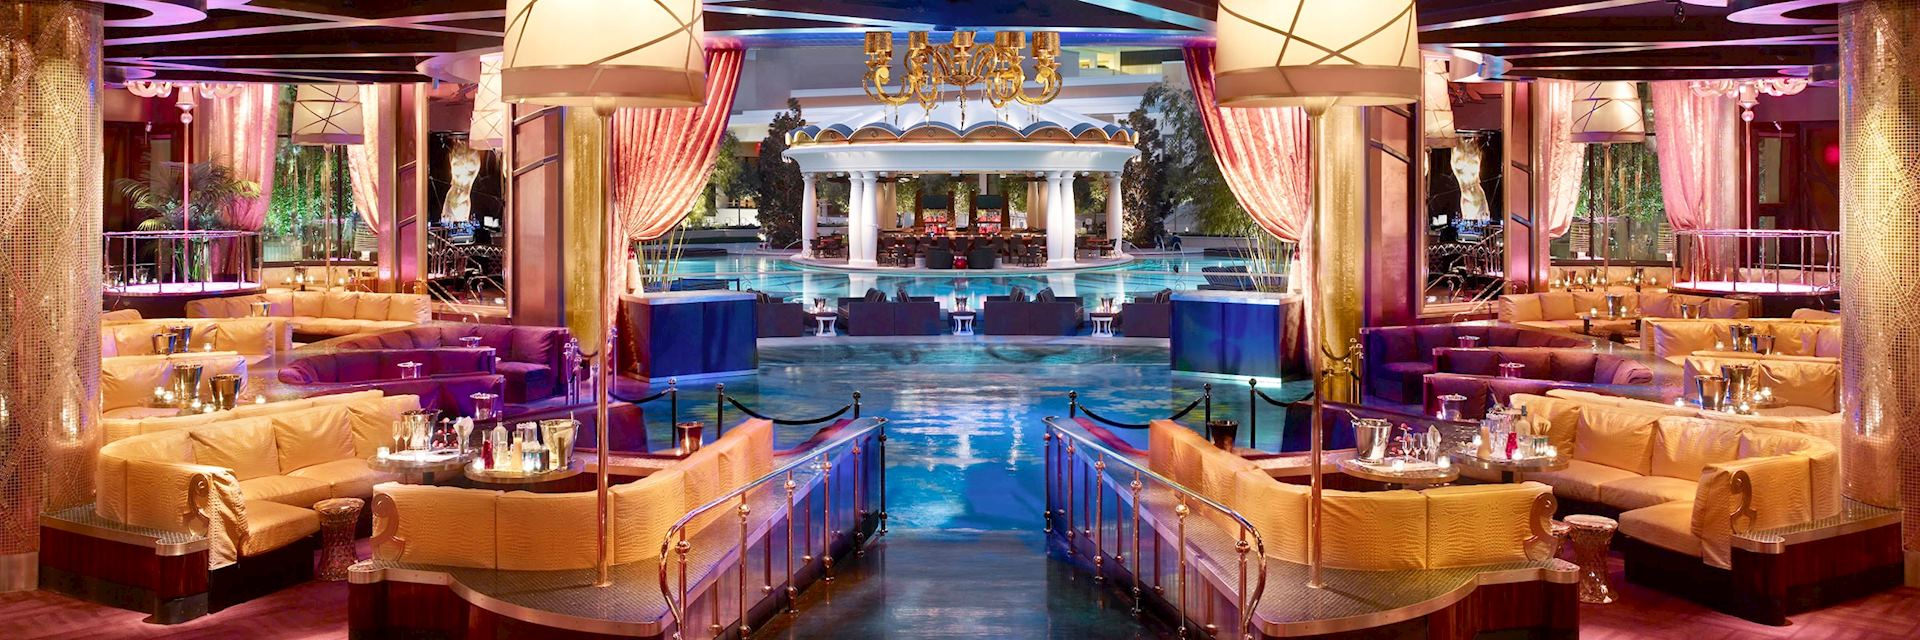 Wynn Las Vegas